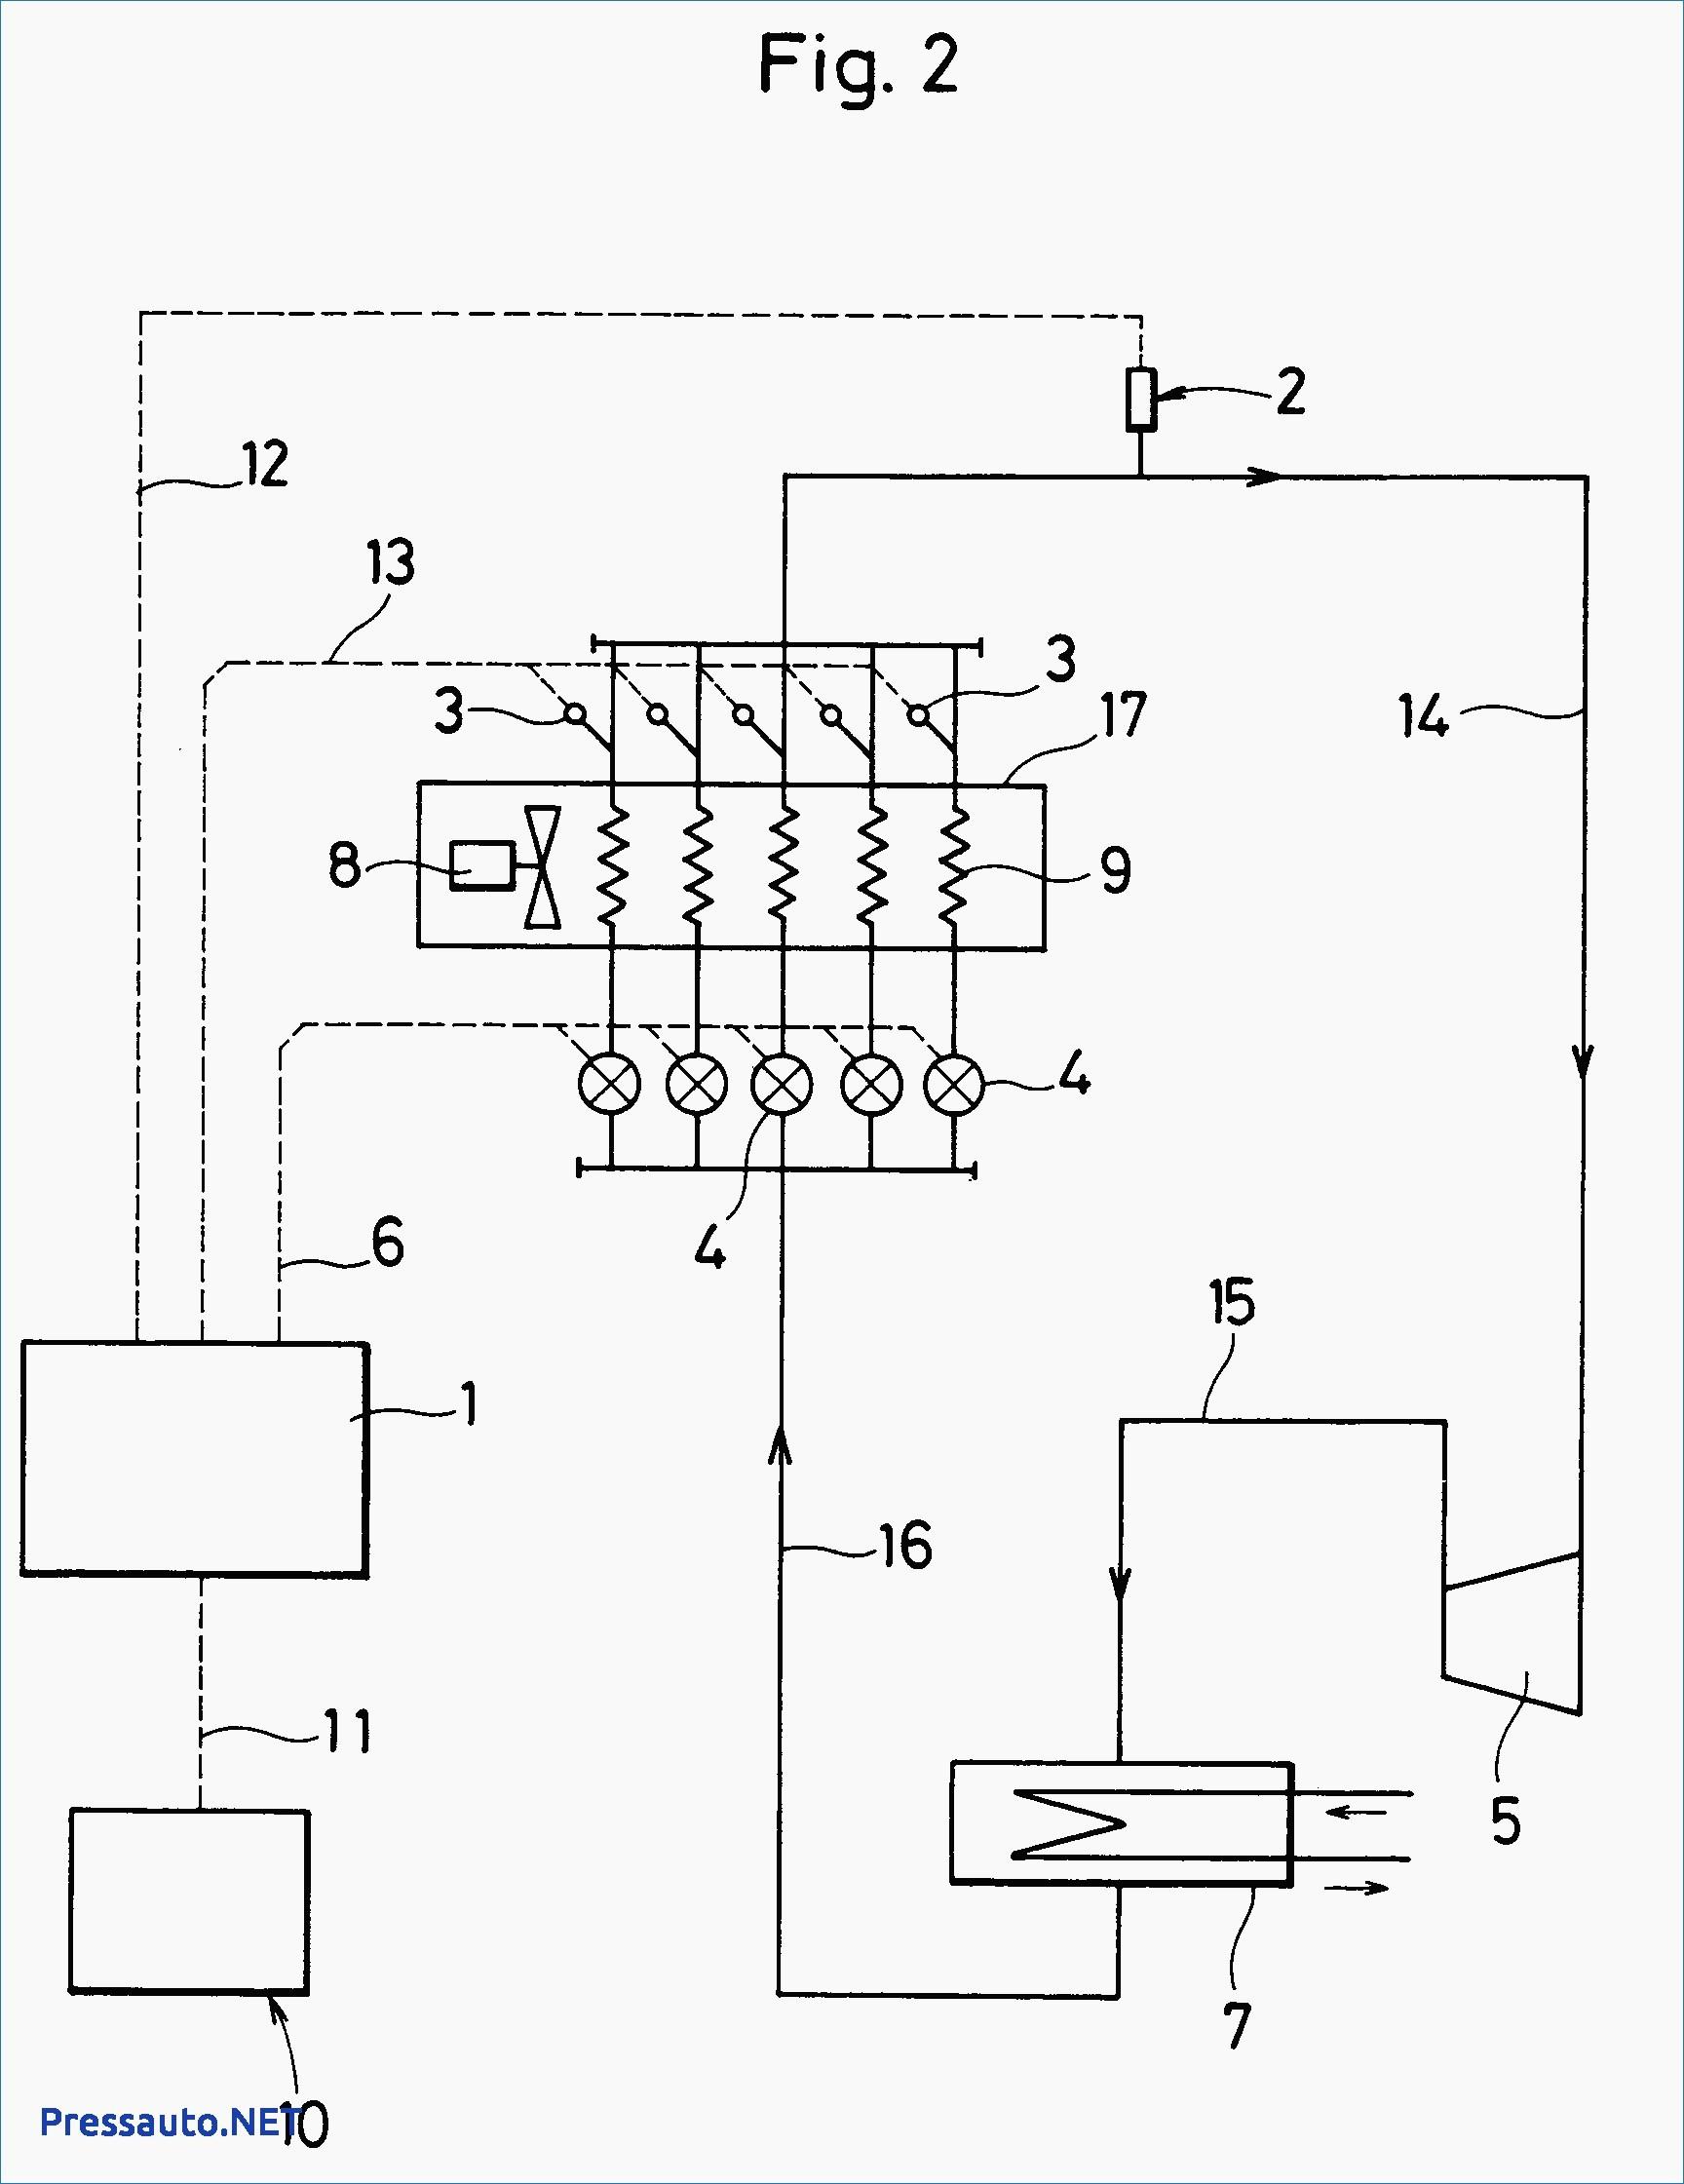 [SCHEMATICS_4UK]  KG_2612] Videocon Double Door Refrigerator Wiring Diagram Schematic Wiring | Videocon Double Door Refrigerator Wiring Diagram |  | Dome Ilari Ivoro Bepta Mohammedshrine Librar Wiring 101